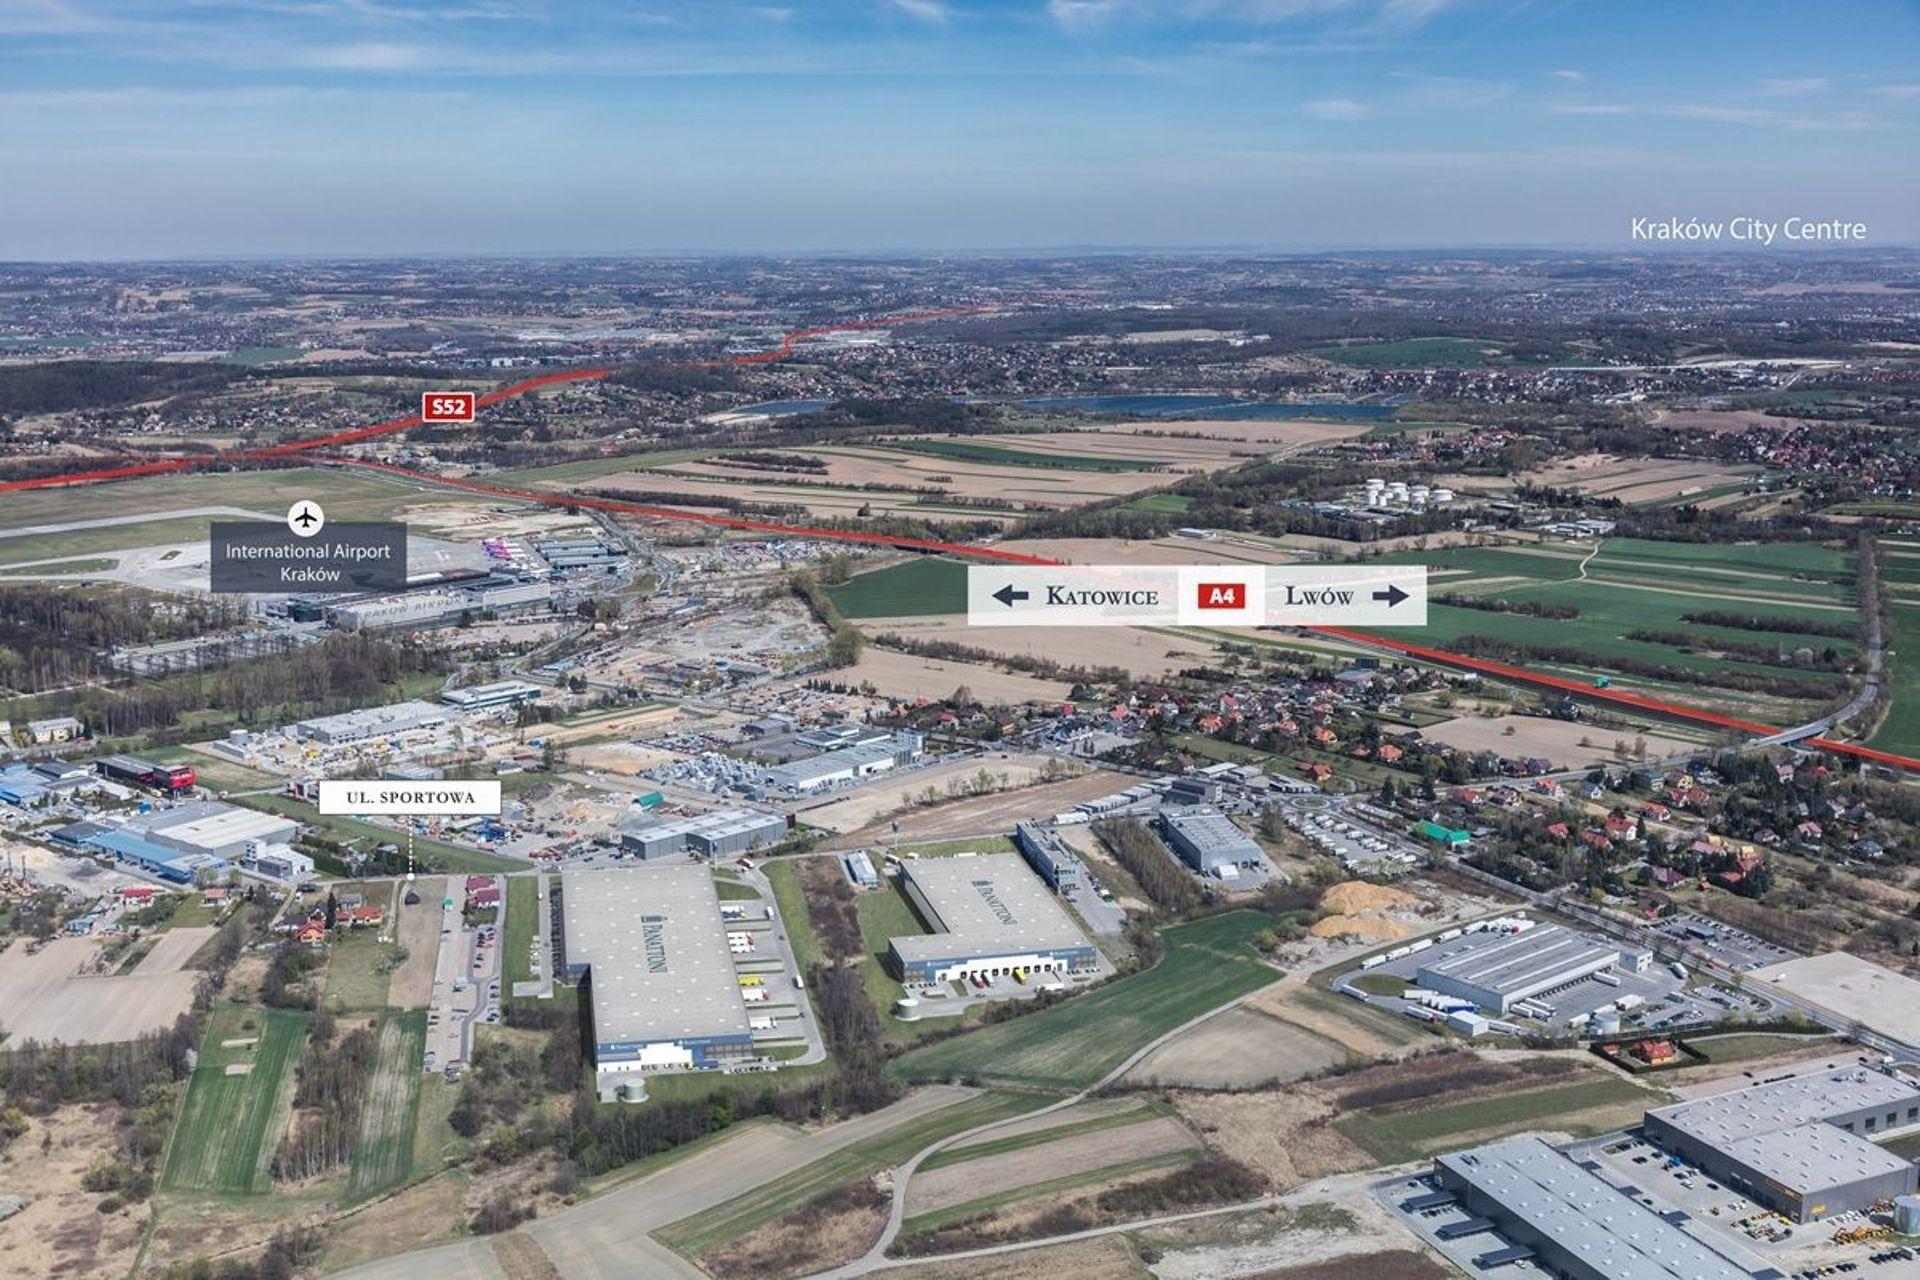 InPost buduje nową fabrykę paczkomatów oraz rozwinie centrum badawczo-rozwojowe w Krakowie [WIZUALIZACJA]